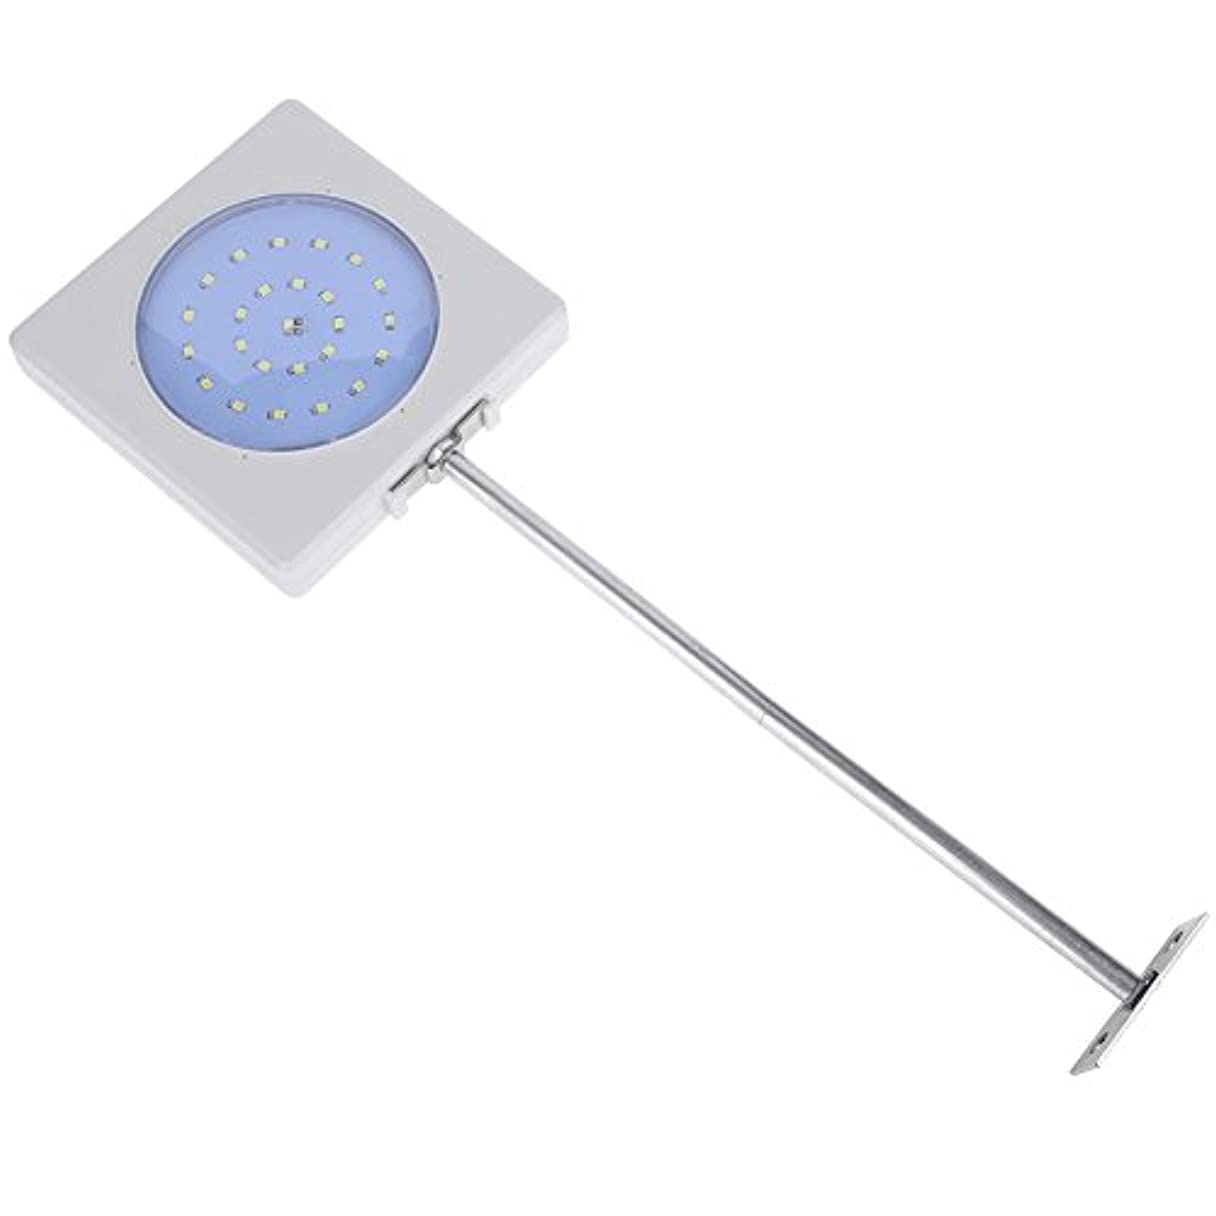 急速な硬さビバソーラーライトソーラー充電、純正調光LEDライト sundengy